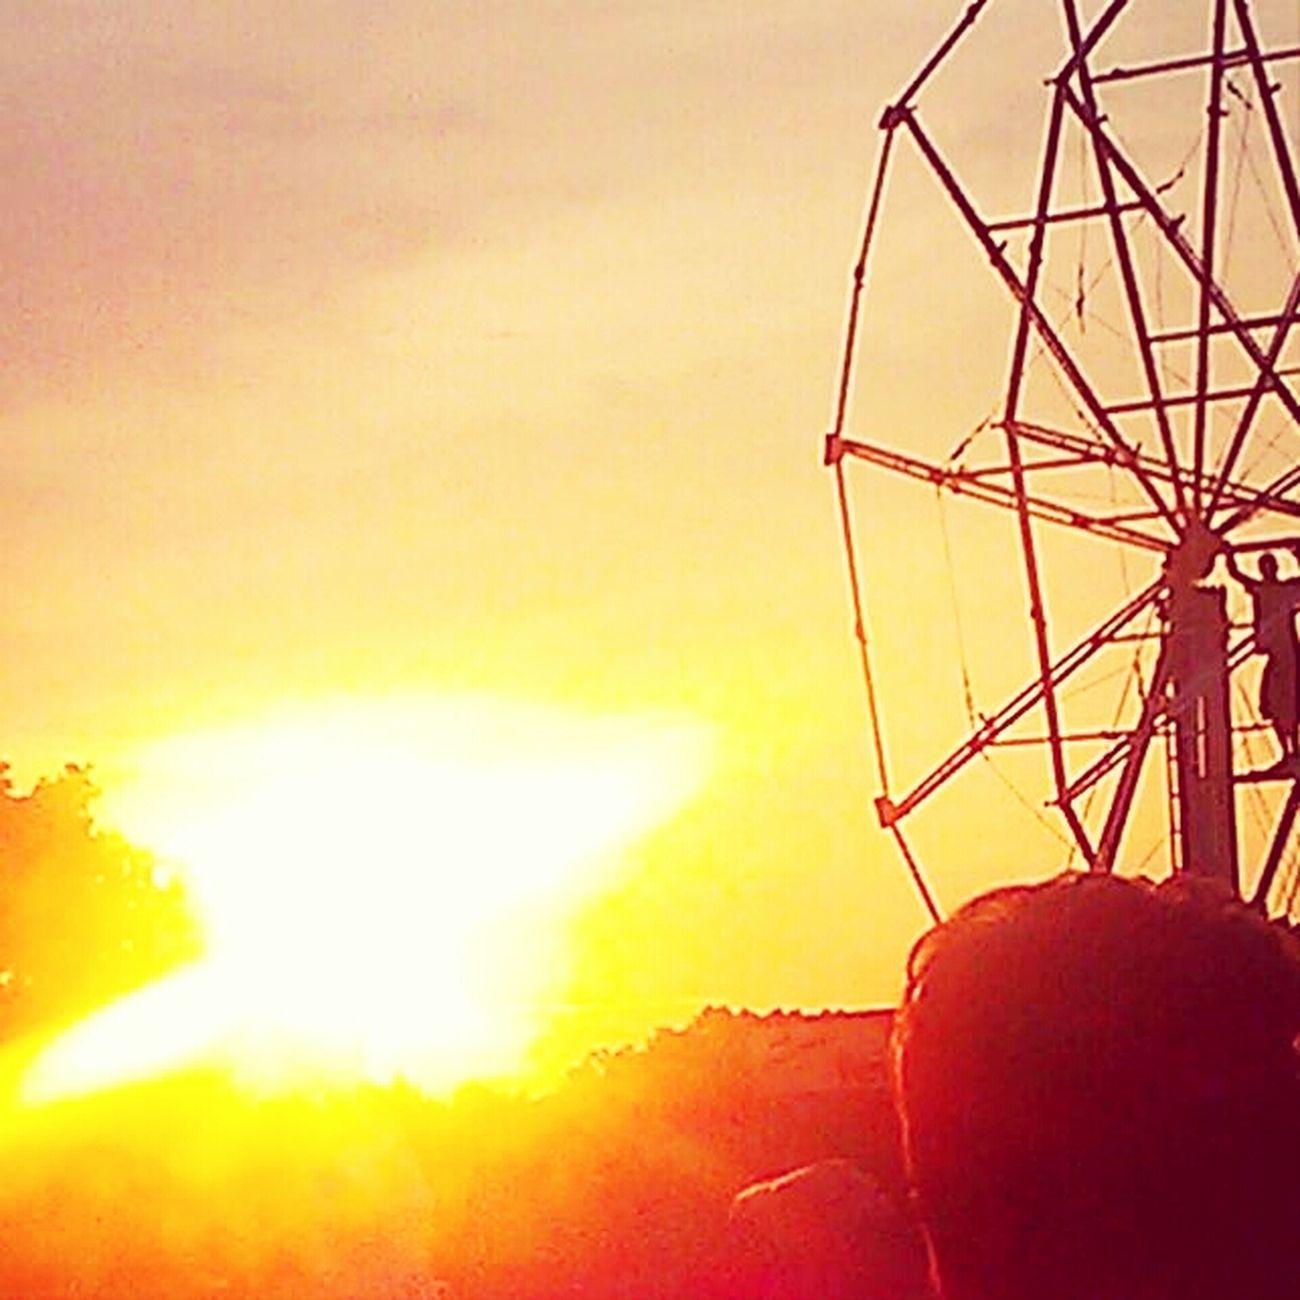 #sunset #Ferriswheels #carnival